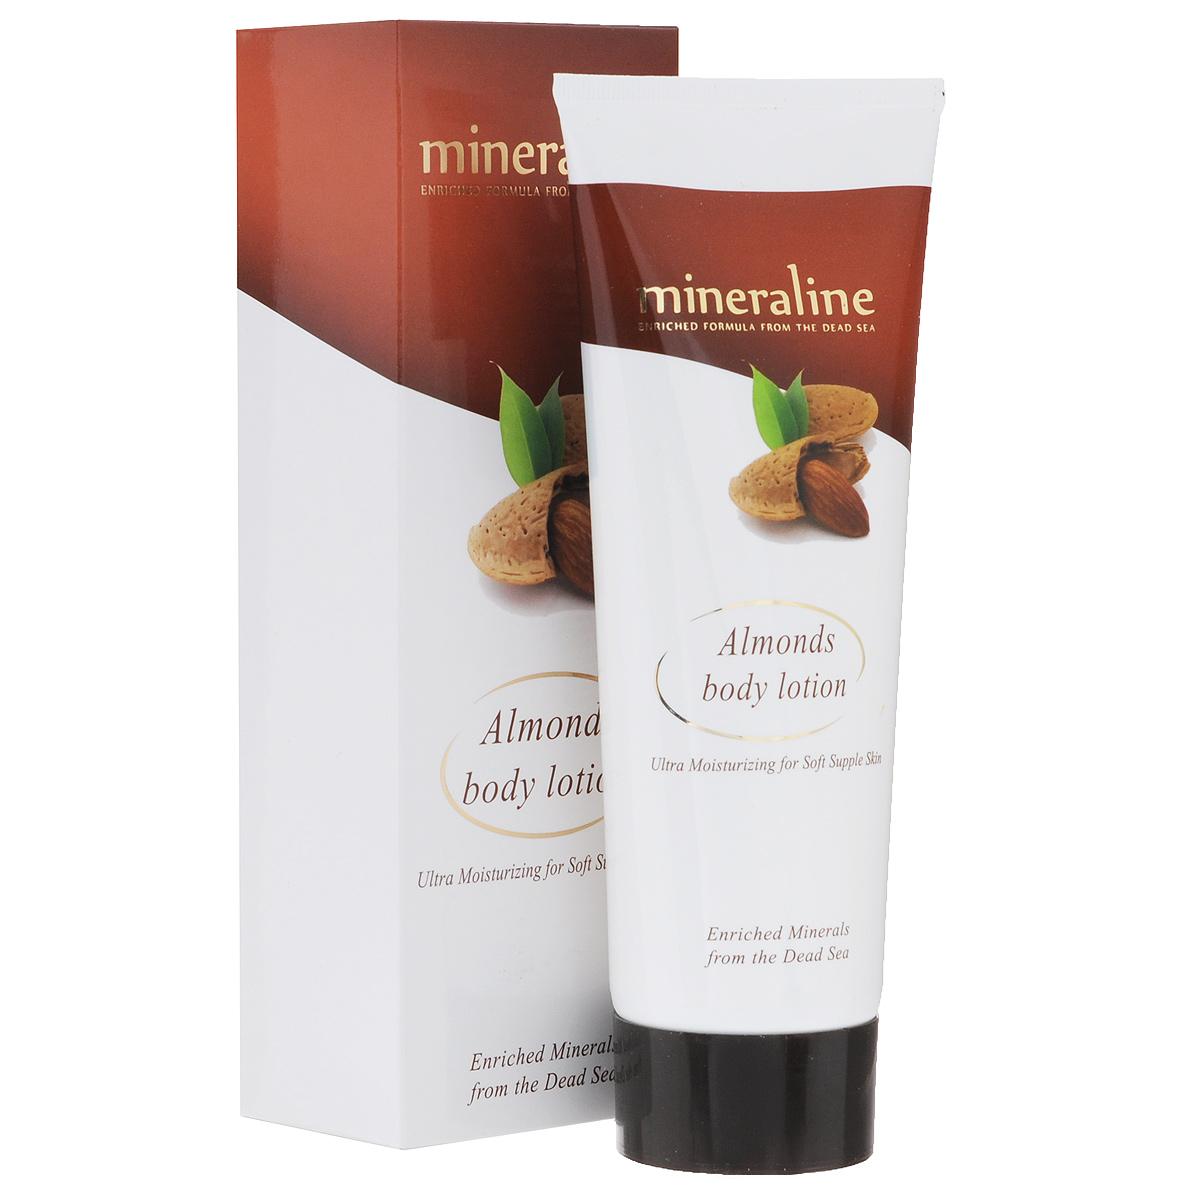 Mineraline Лосьон для тела, с экстрактом миндаля, 250 млFS-00897Лосьон для тела с экстрактом миндаля Mineraline питает и успокаивает кожу вашего тела, обеспечивая высокую степень свежести и здоровья, а также обладает успокаивающим эффектом. Его активные компоненты легко проникают в кожу, даря вам ощущение нежности и комфорта. Используйте его на ежедневной основе в соответствии с вашими потребностями. Товар сертифицирован.